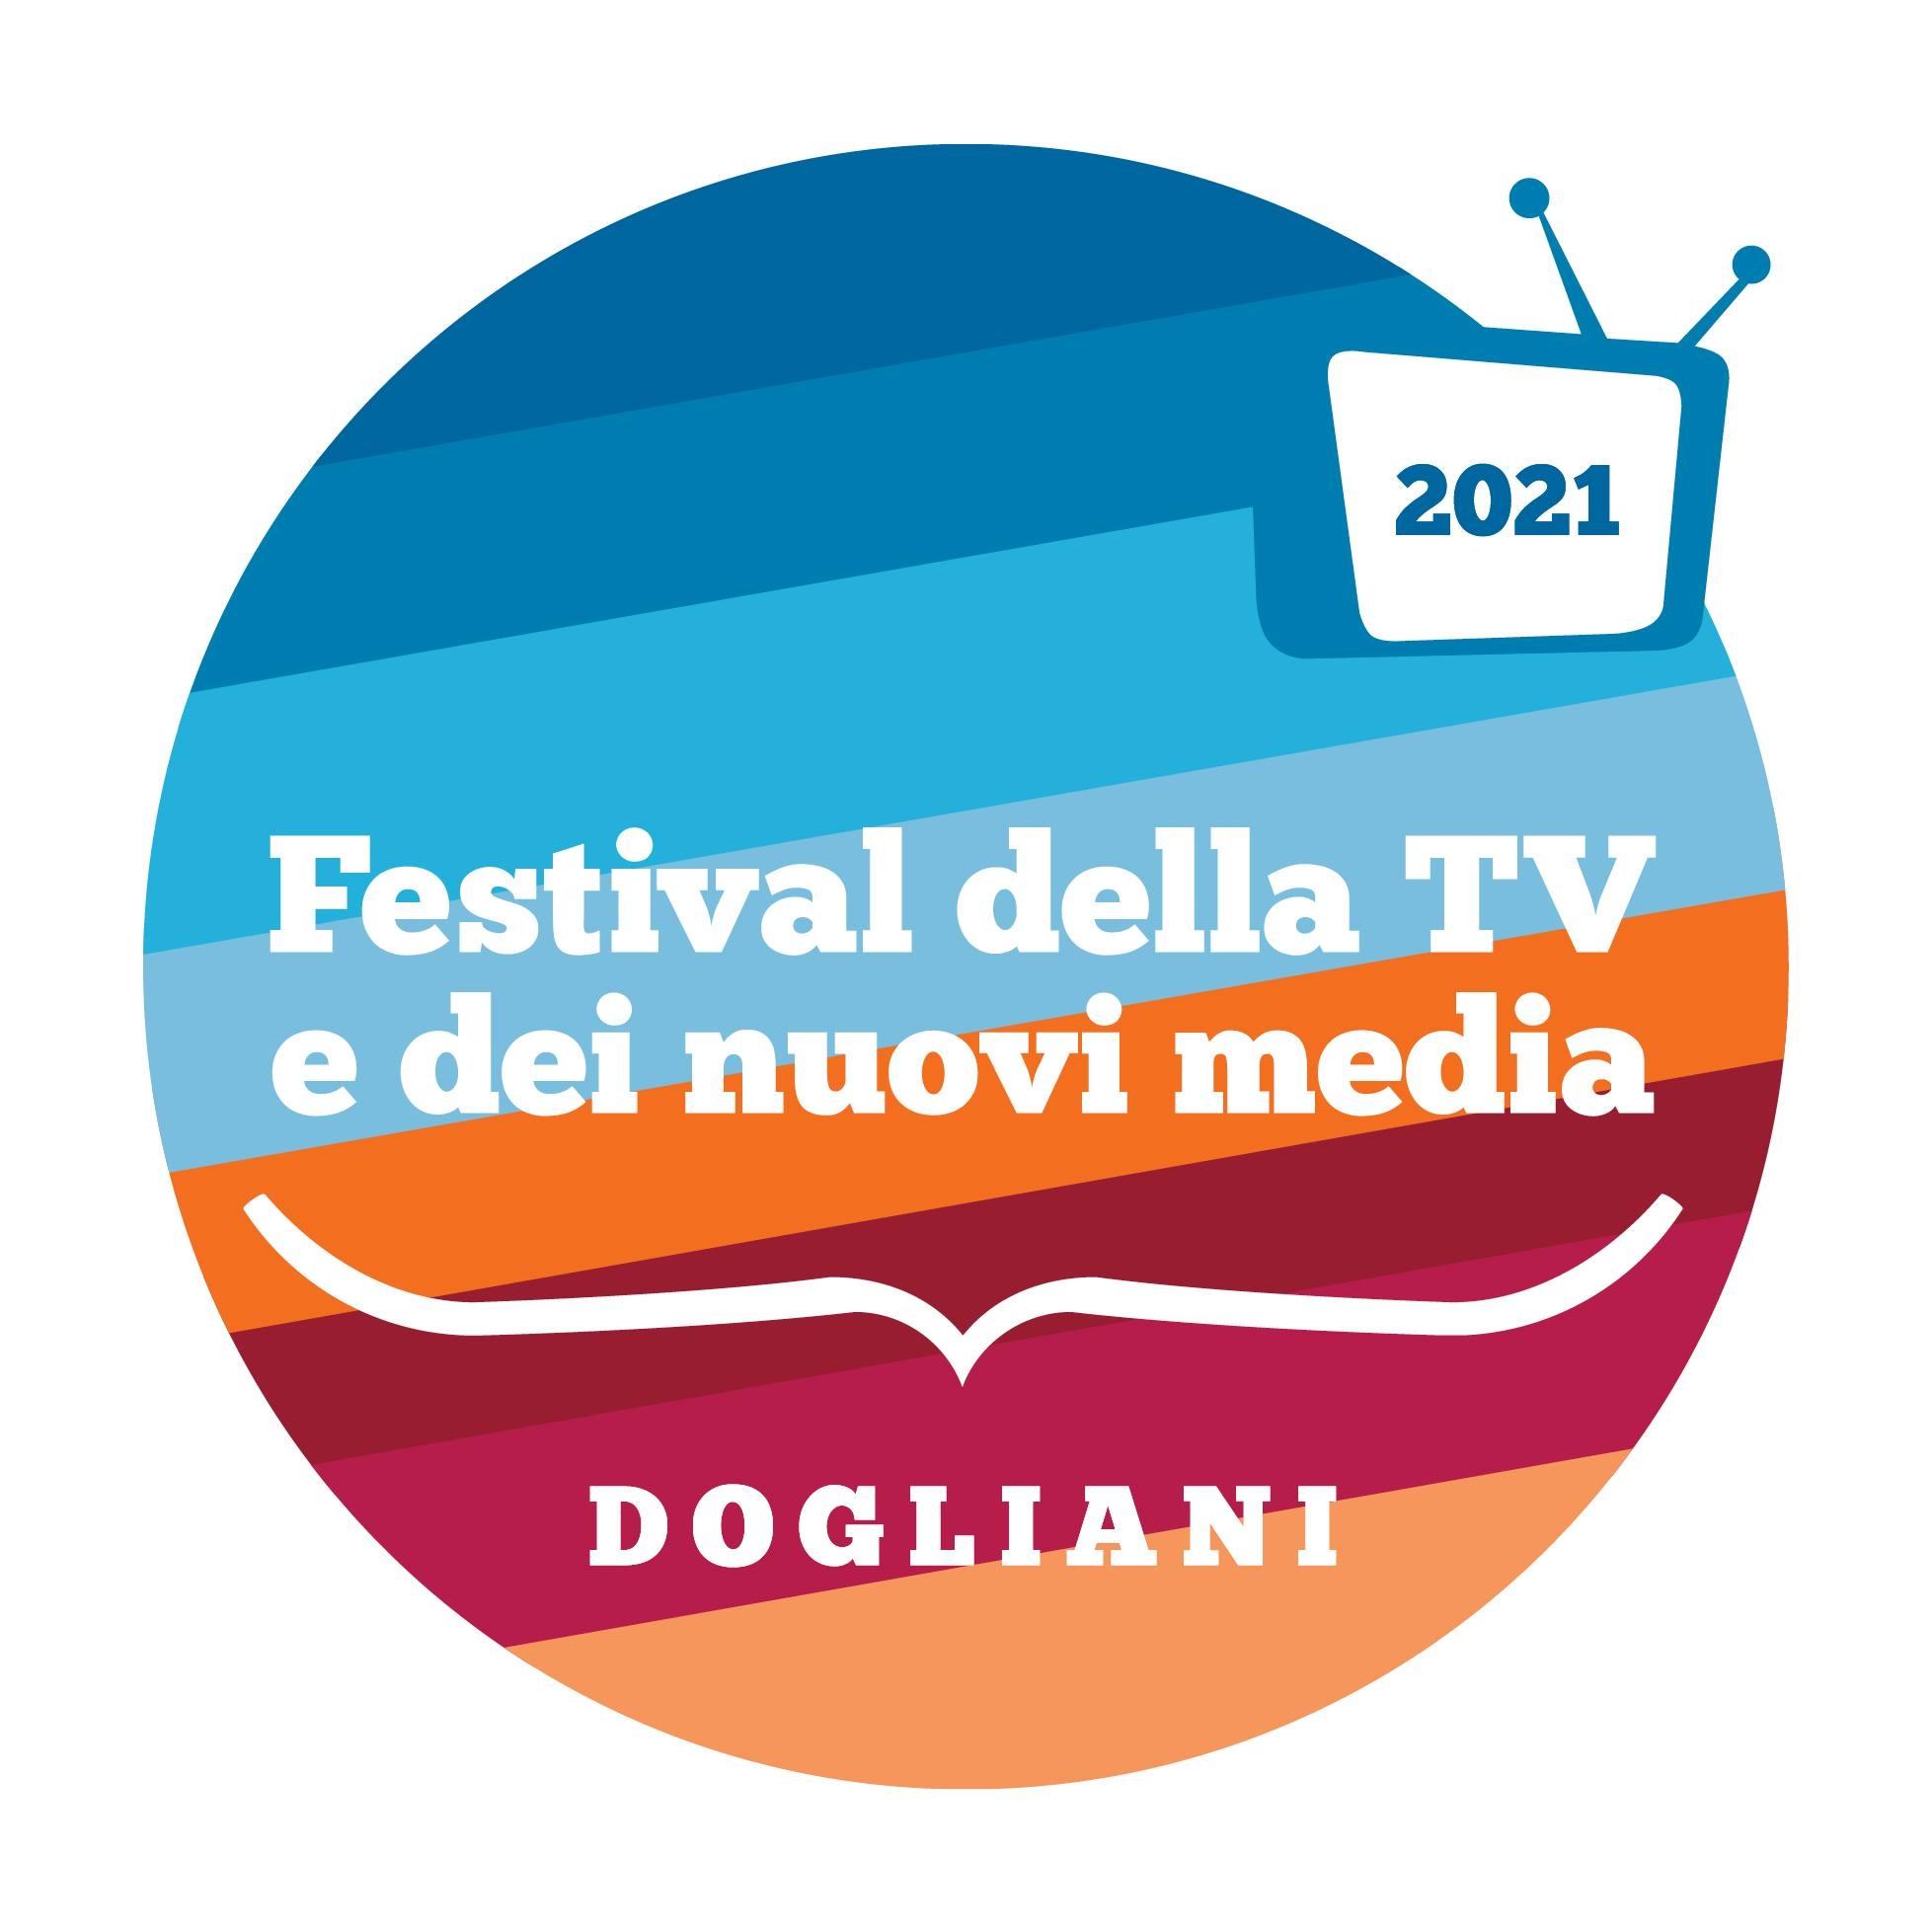 Festival della Tv e dei nuovi media 2021